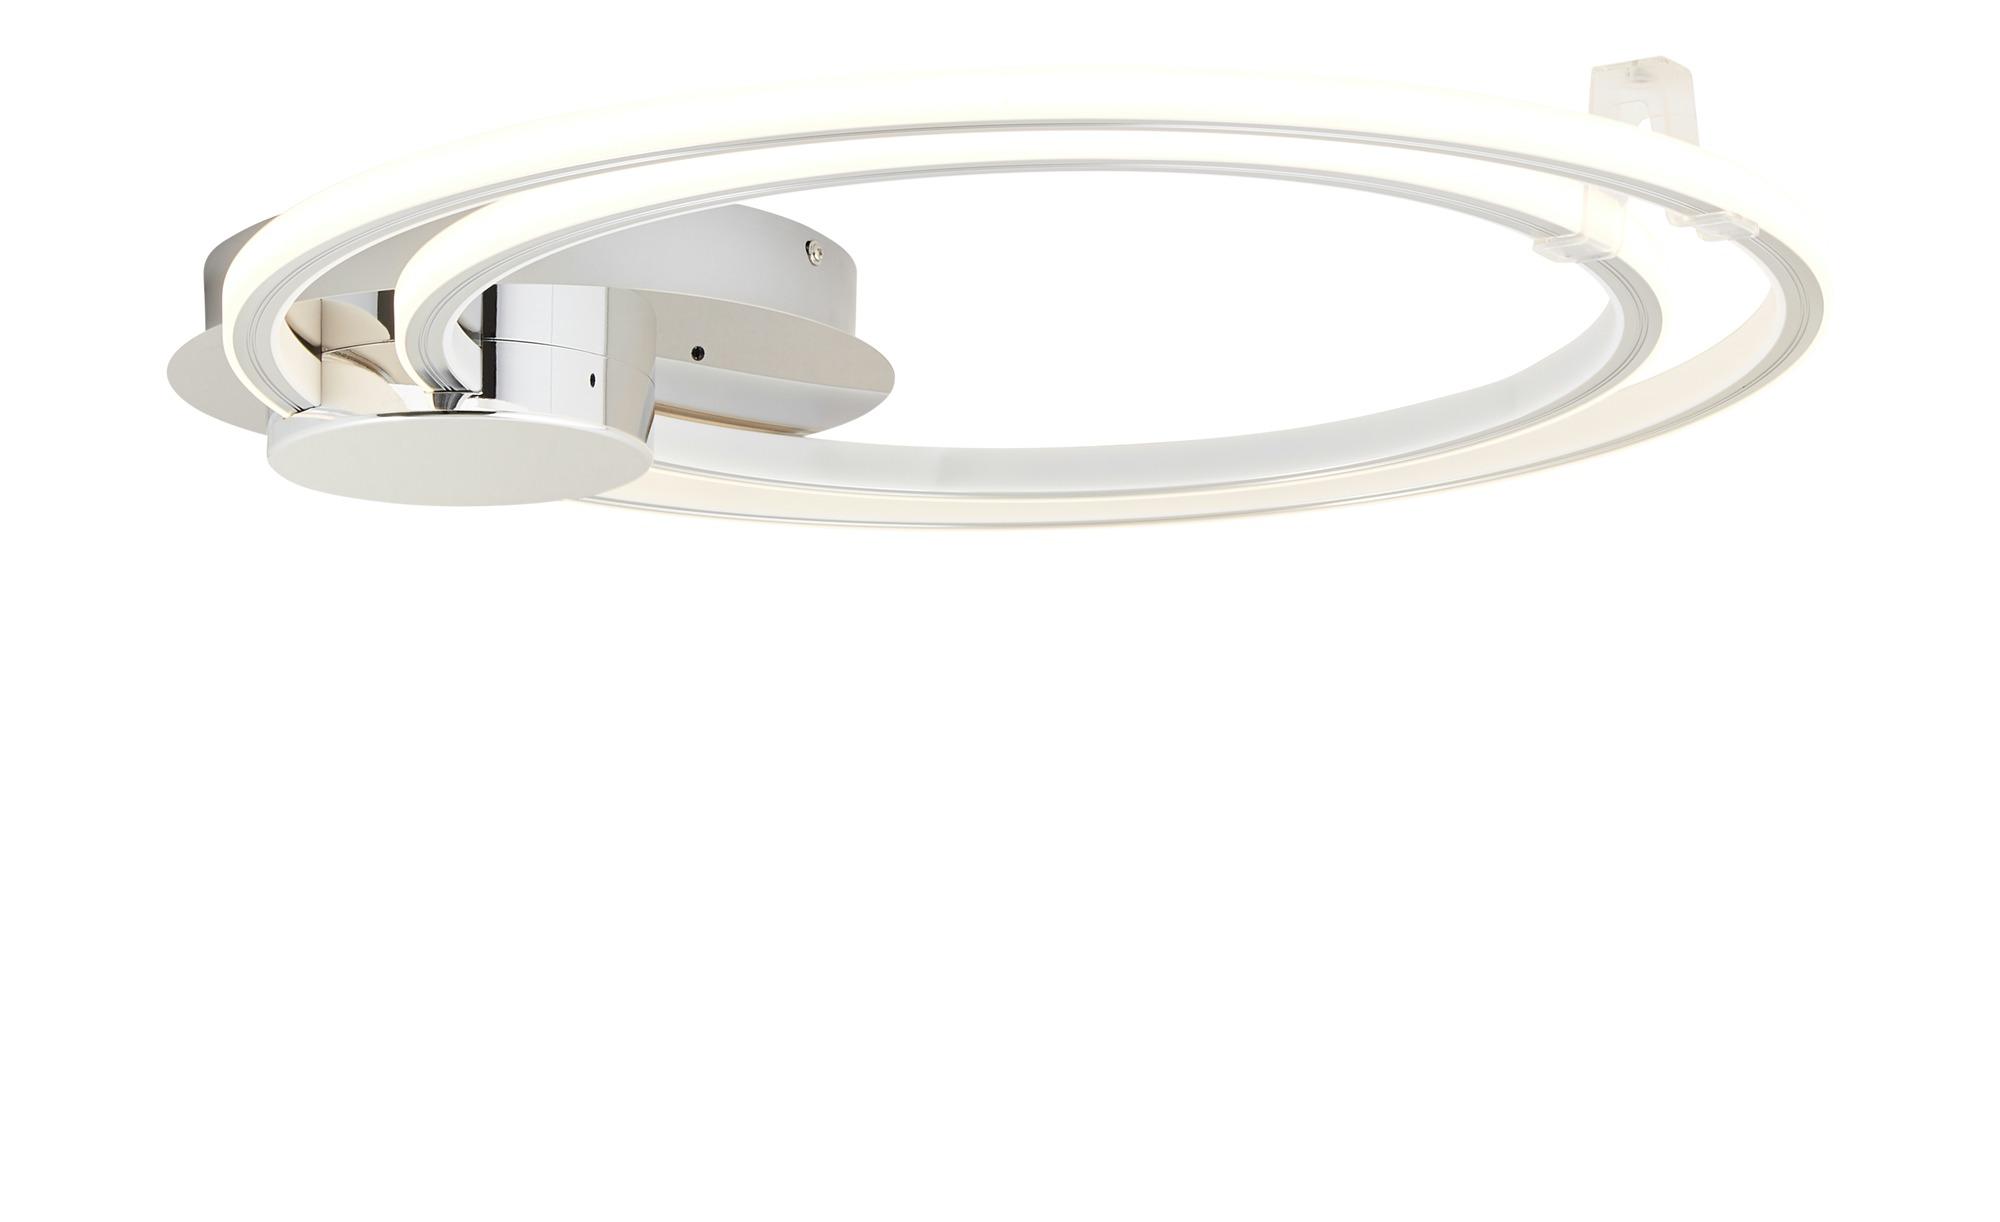 KHG LED-Deckenleuchte, Farbwechsler ¦ silber ¦ Maße (cm): B: 60 H: 7,5 Lampen & Leuchten > Innenleuchten > Deckenleuchten - Höffner